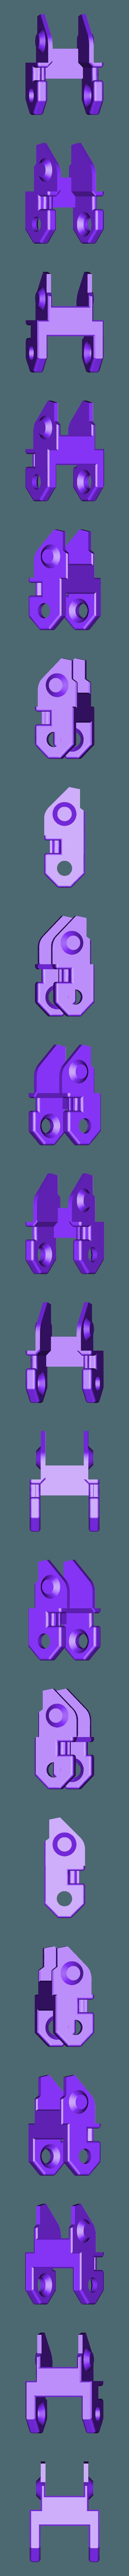 LINK_65.stl Télécharger fichier STL gratuit Creality CR-10S Chaîne d'entraînement de câble de l'axe Y et décharge de traction • Design à imprimer en 3D, ZepTo